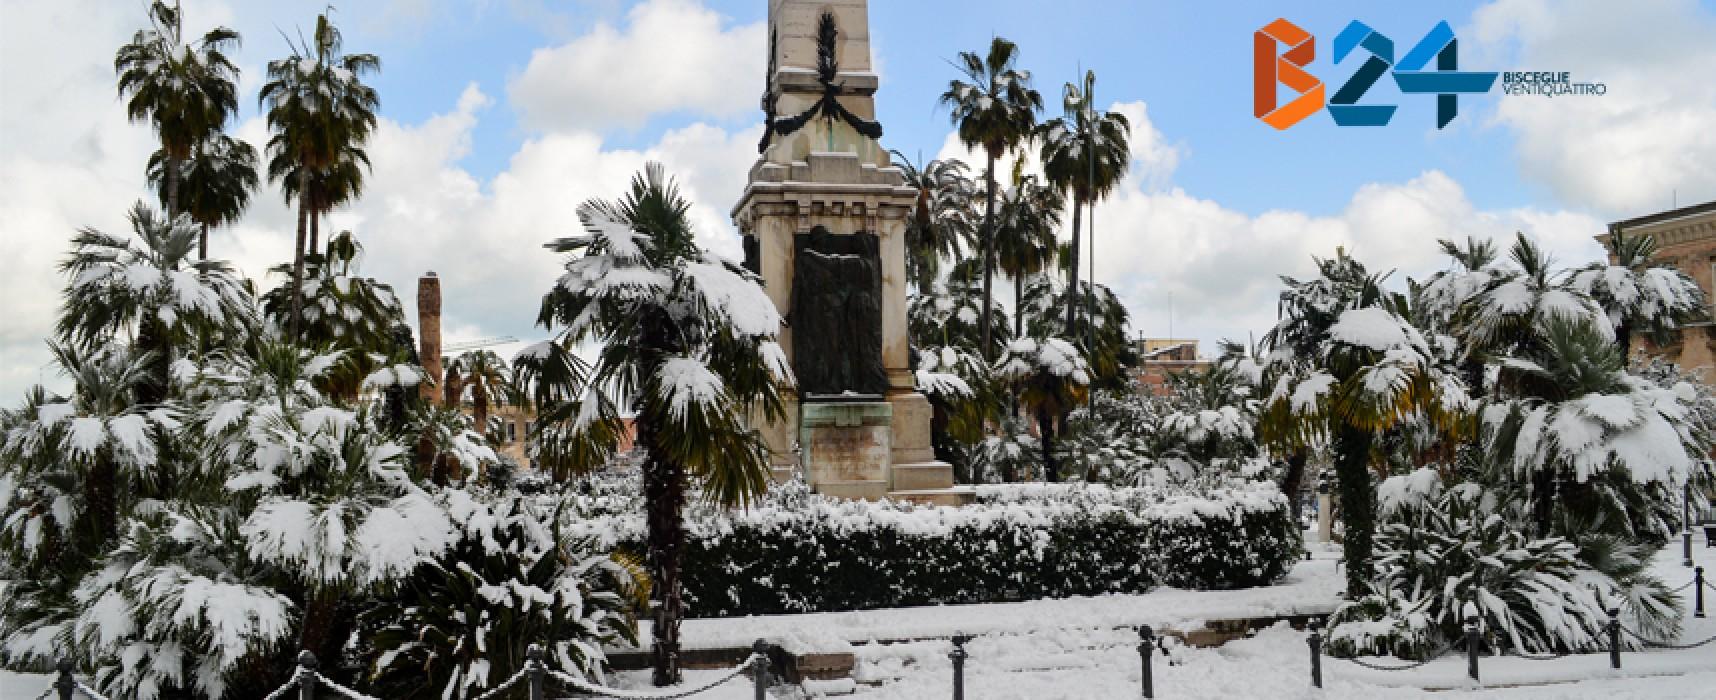 Bisceglie ricoperta di neve, la fotogallery di Bisceglie24 /FOTO